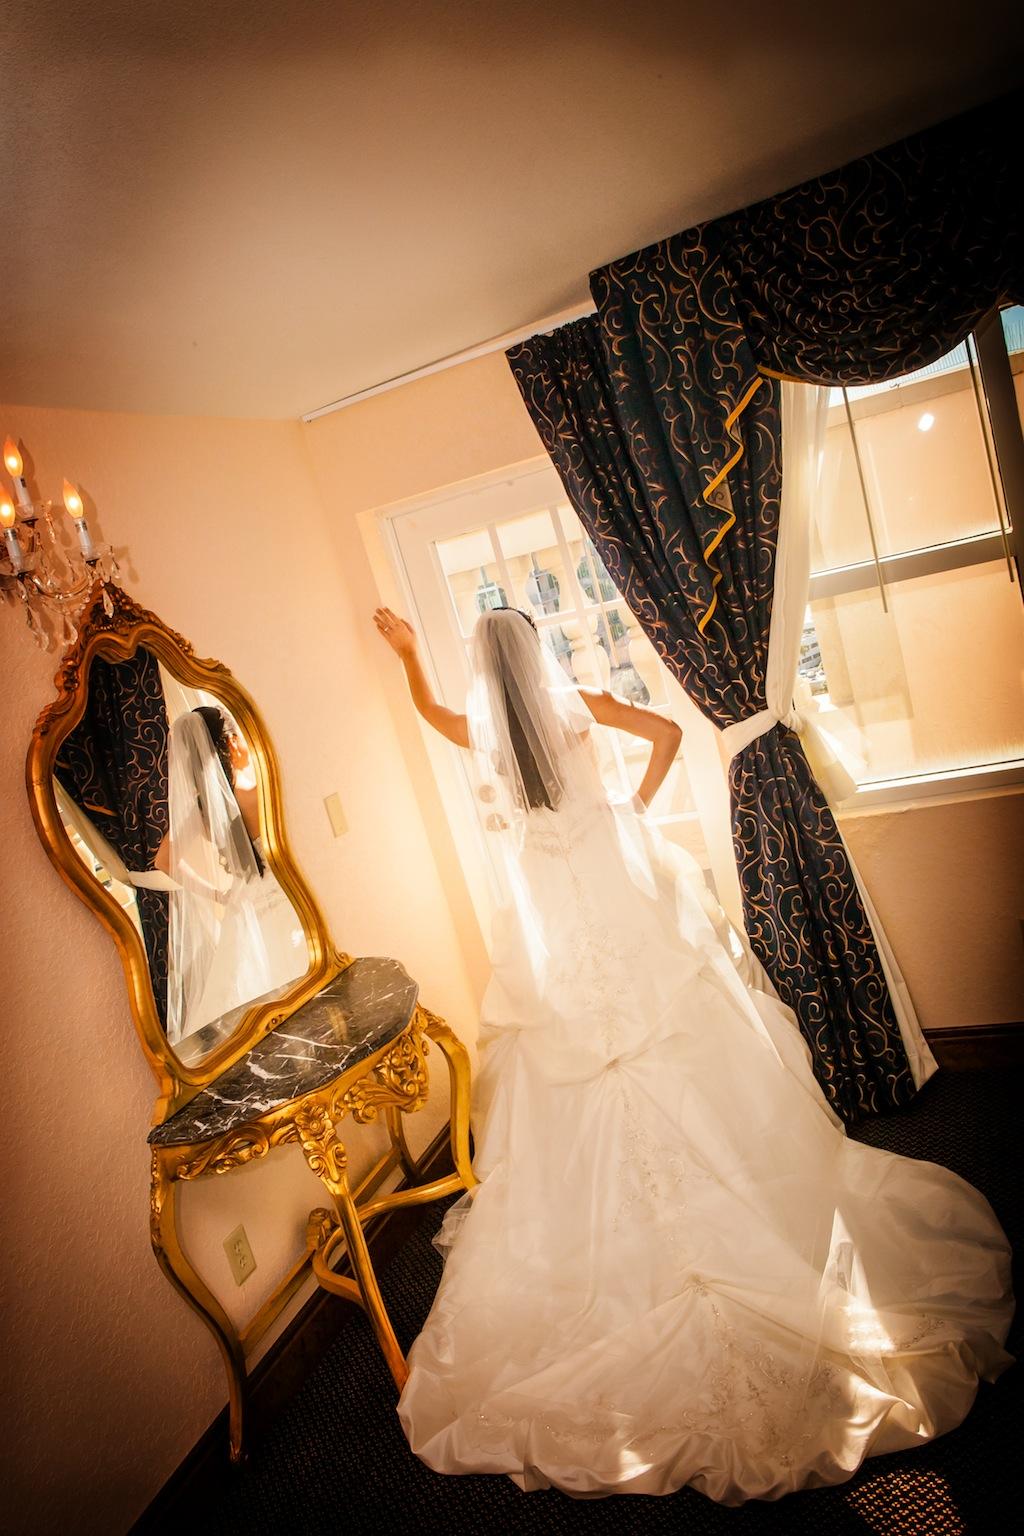 Floridan Palace Wedding, Downtown Tampa - Tampa Wedding Planner Burkle Events & Tampa Wedding Photographer Gary Kaplan Photography (9)